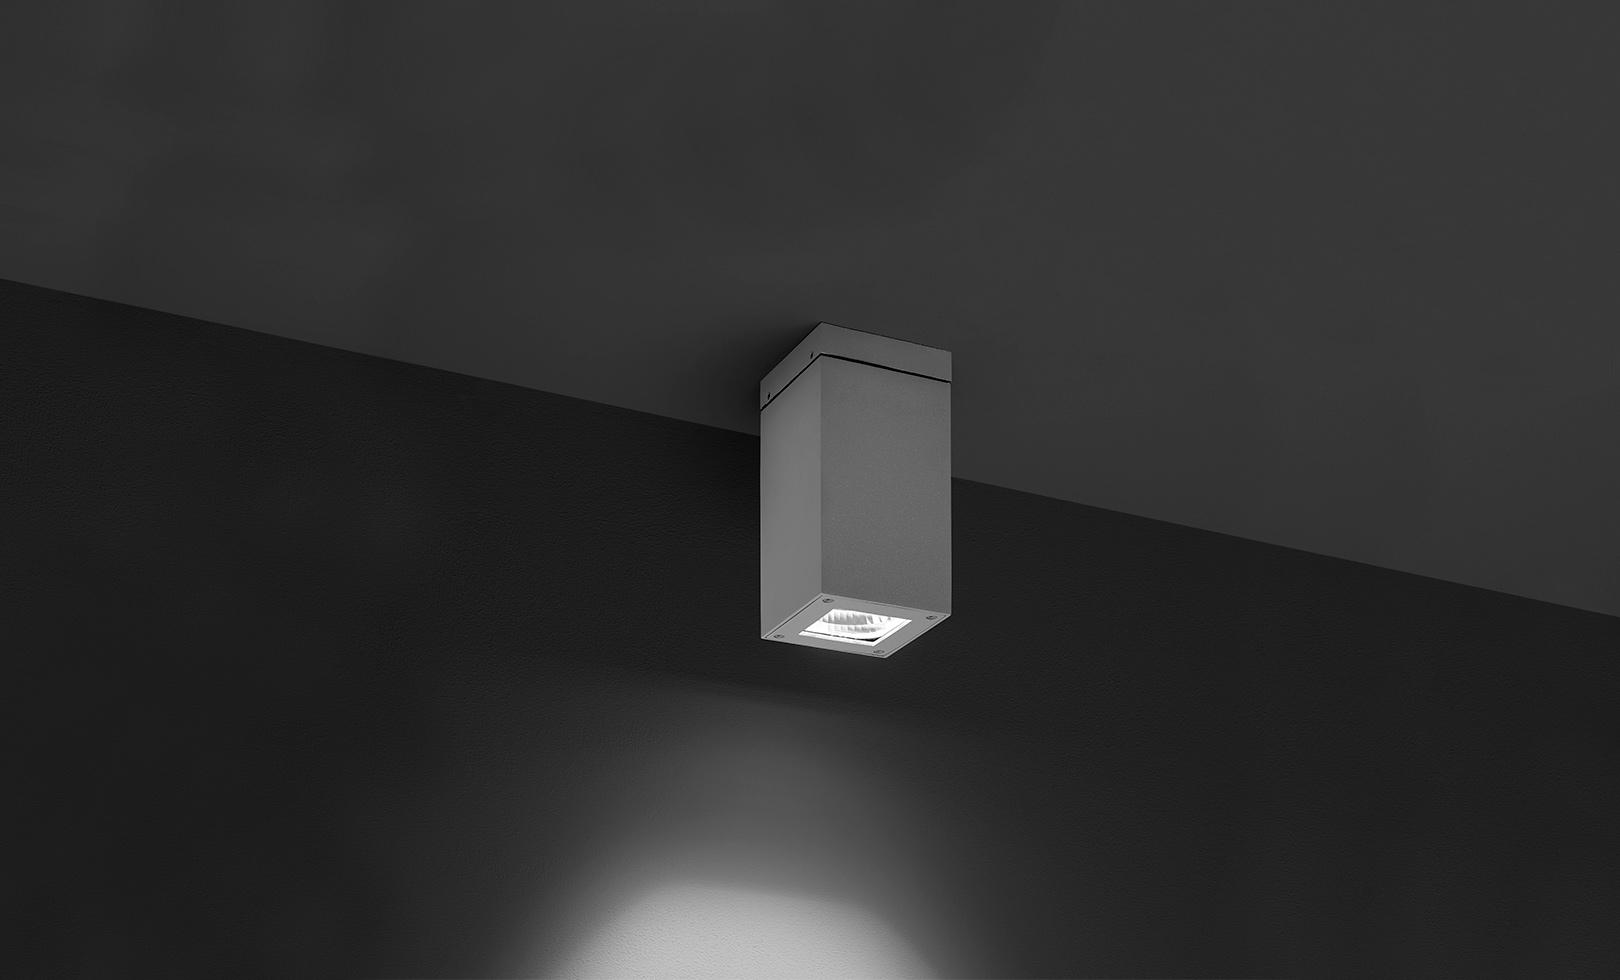 706006 TECH MINI 03 SQUARE LED 13W 1